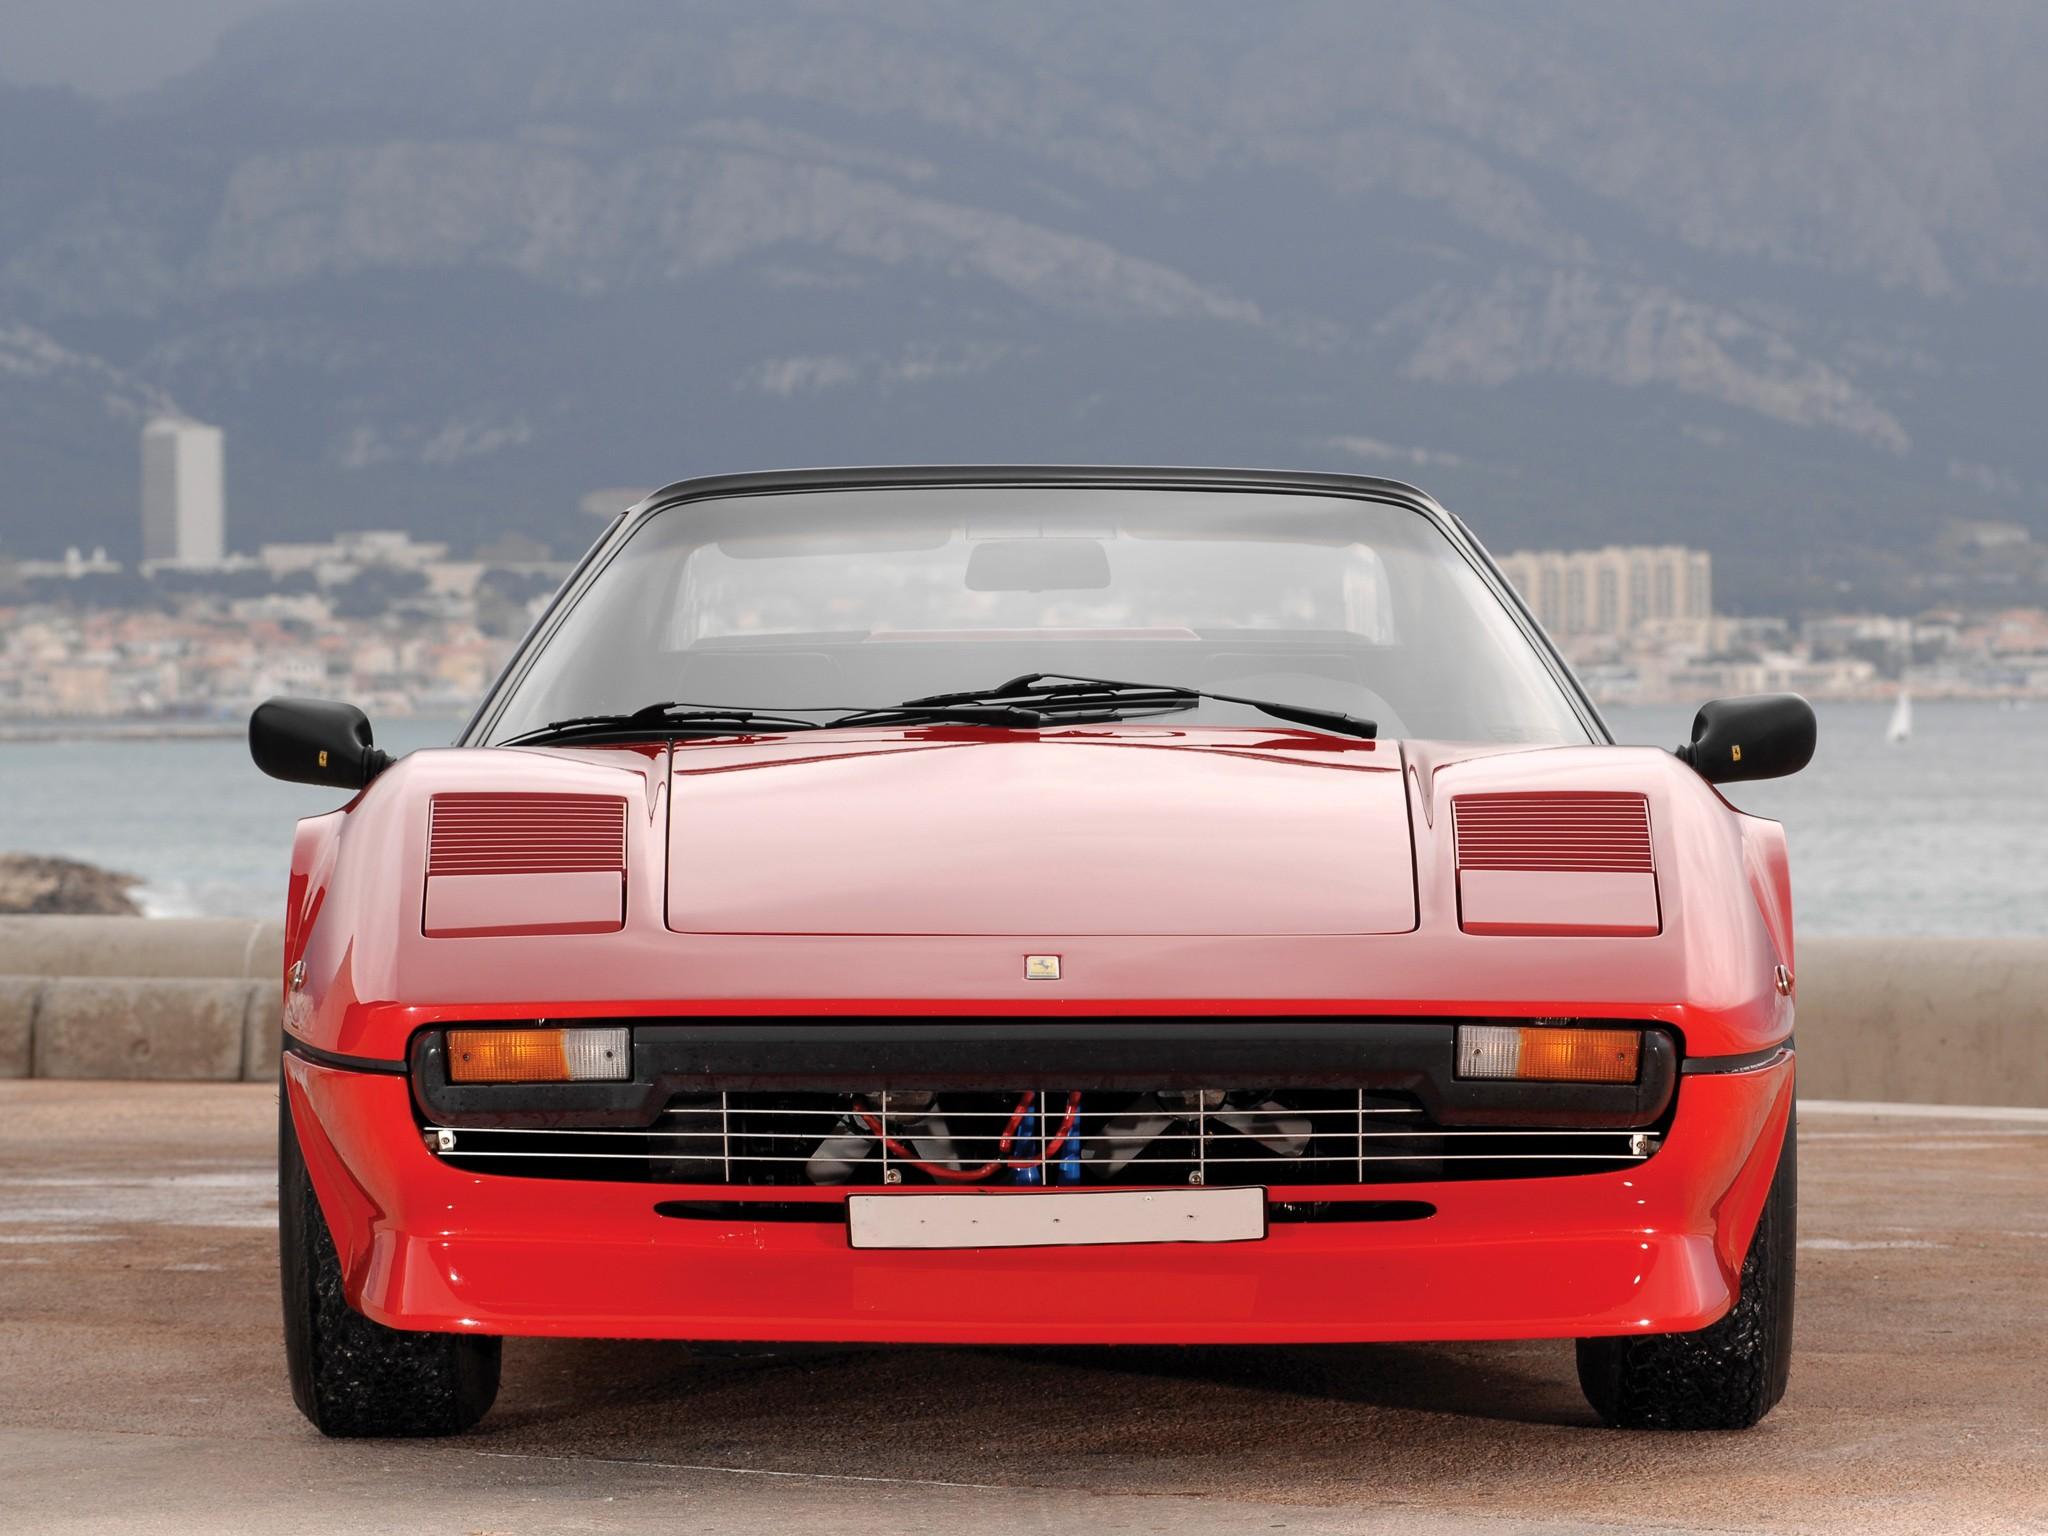 FERRARI 308 GTS - 1977, 1978, 1979, 1980 - autoevolution